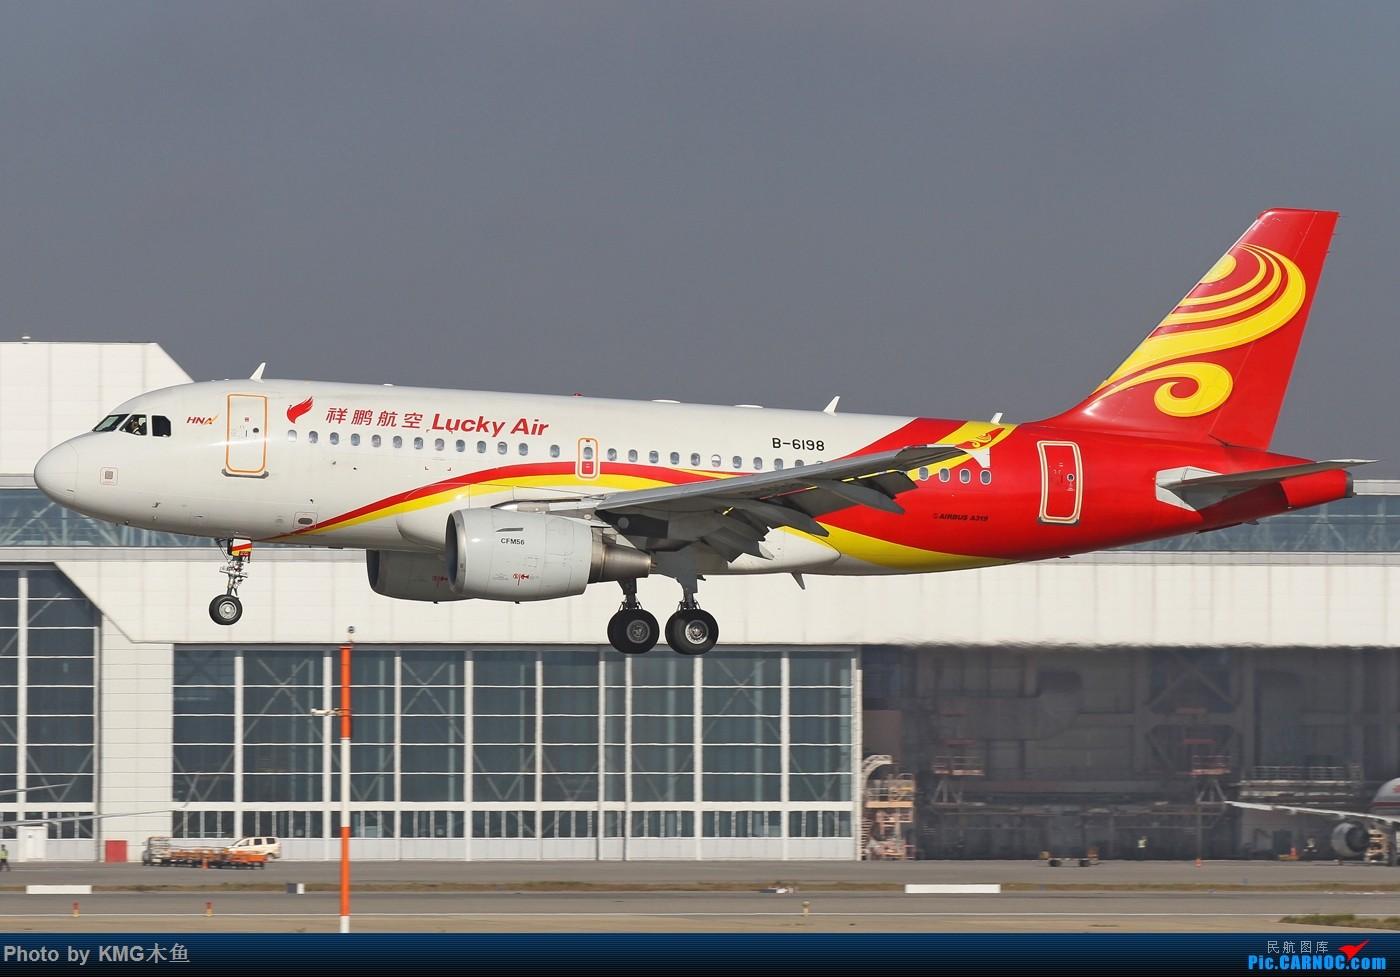 Re:[原创]【KMG昆明长水国际机场】好天气,拍到了好灰机,愉快的一天 AIRBUS A319-100 B-6198 中国昆明长水国际机场